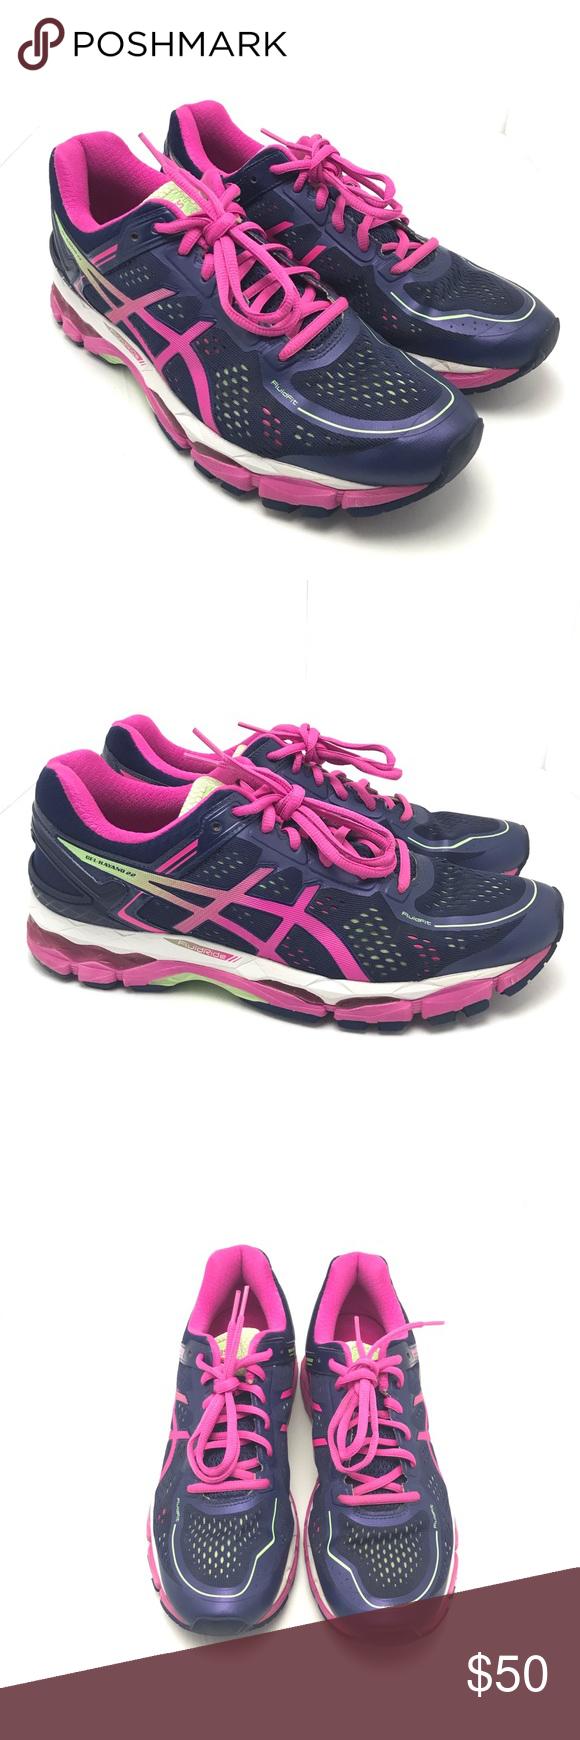 Asics Gel Kayano T5A5N 2A Women Running